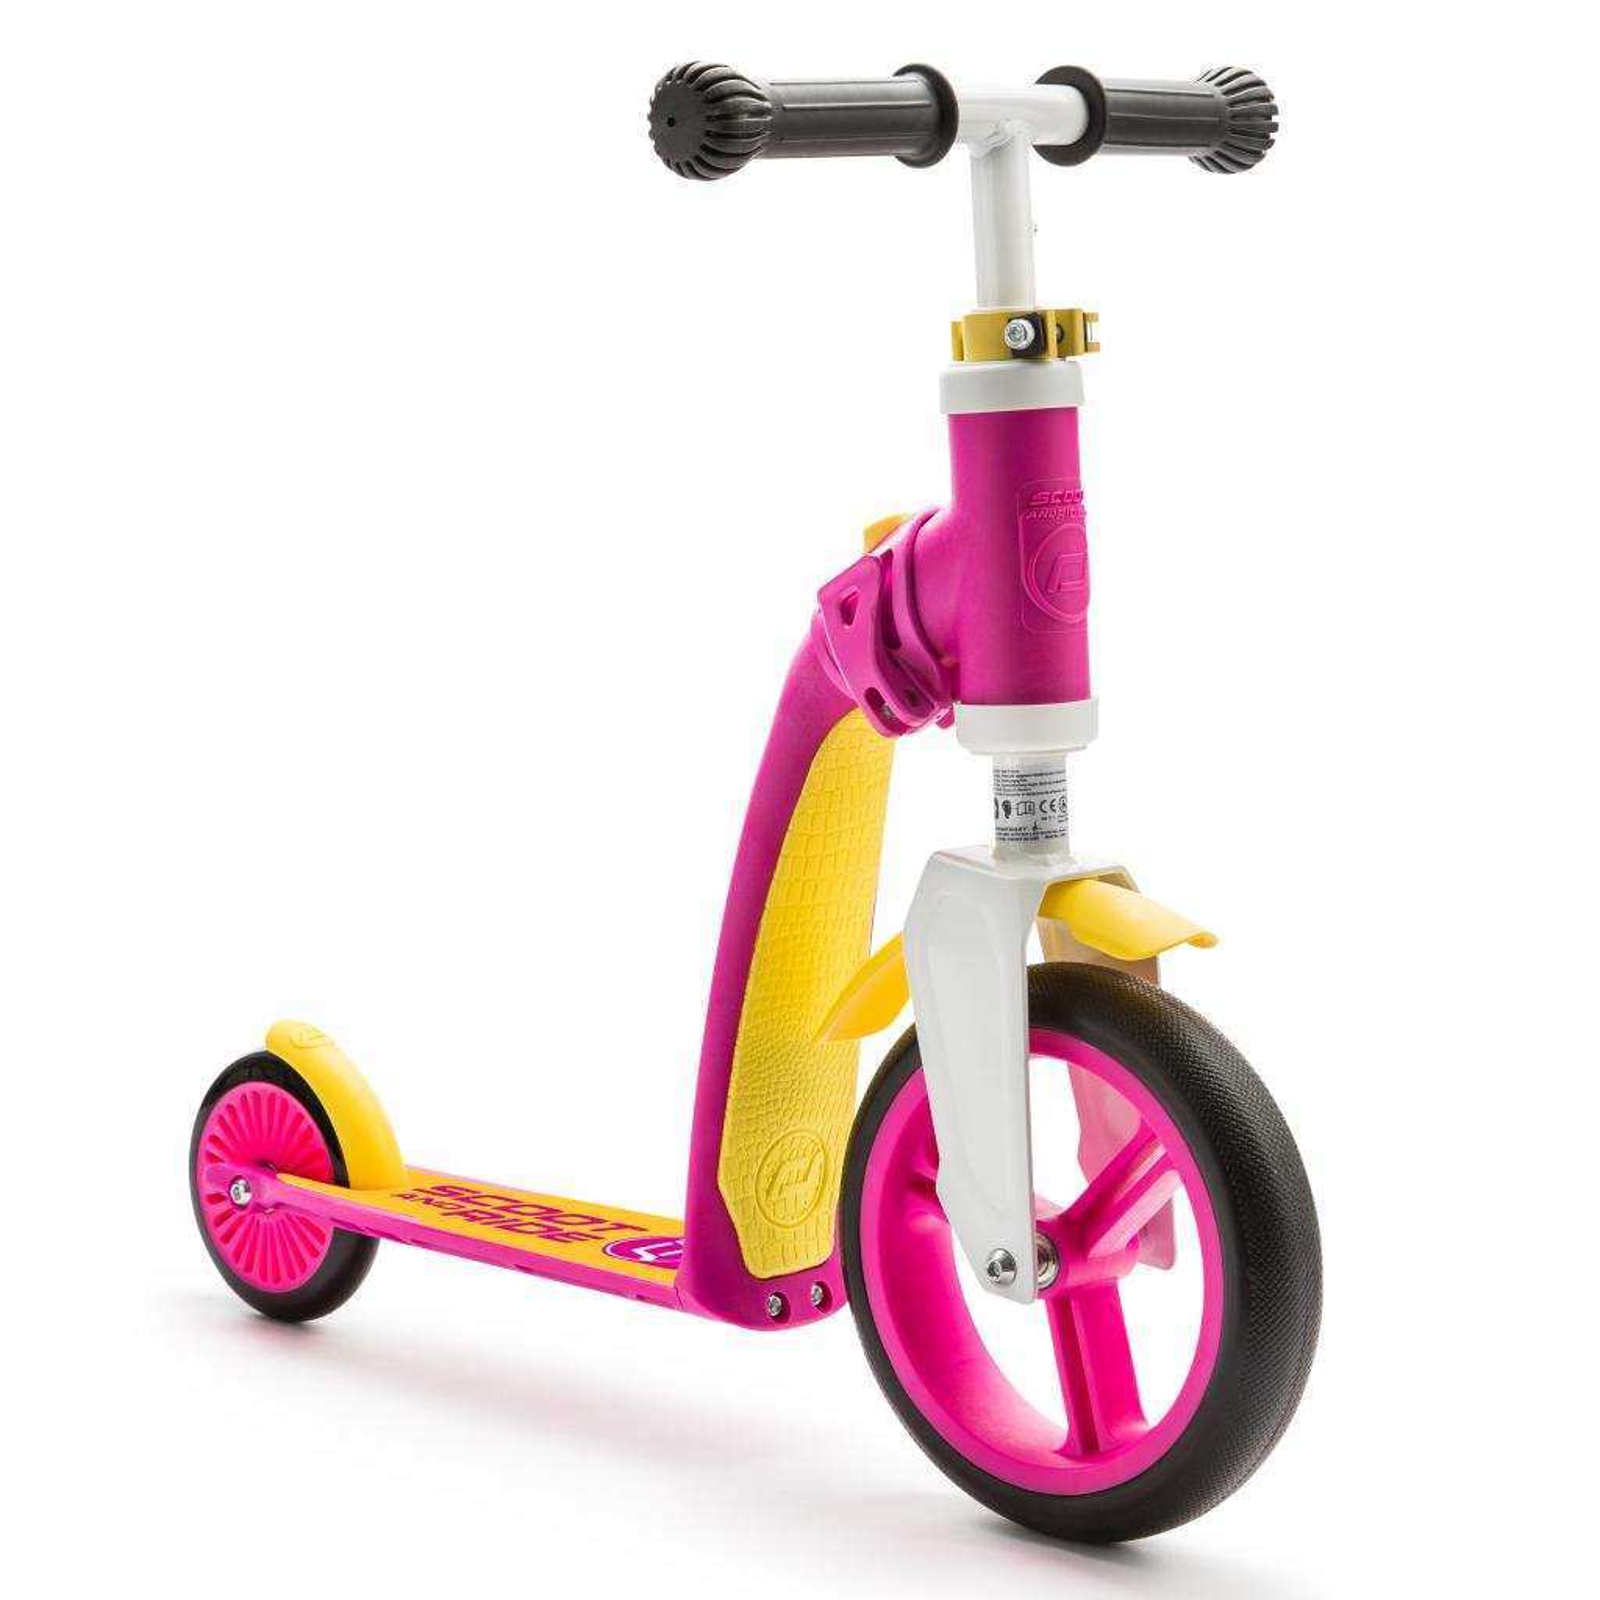 Скутер Scoot&Ride Highwaybaby розово-желтый (SR-216271-PINK-YELLOW) изображение 2